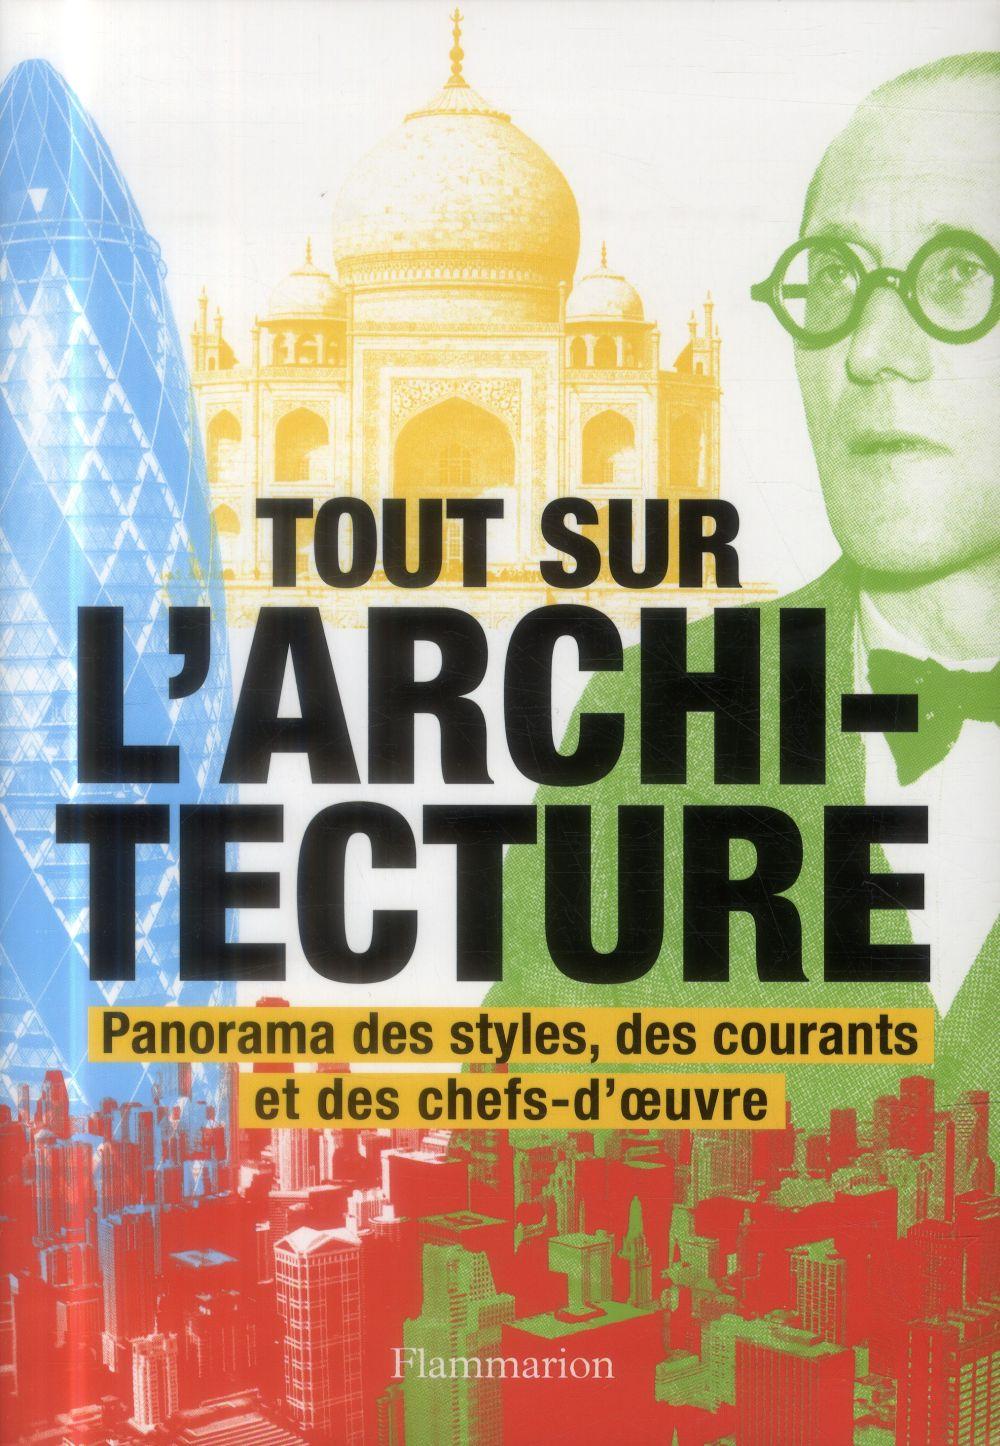 TOUT SUR L'ARCHITECTURE  Flammarion